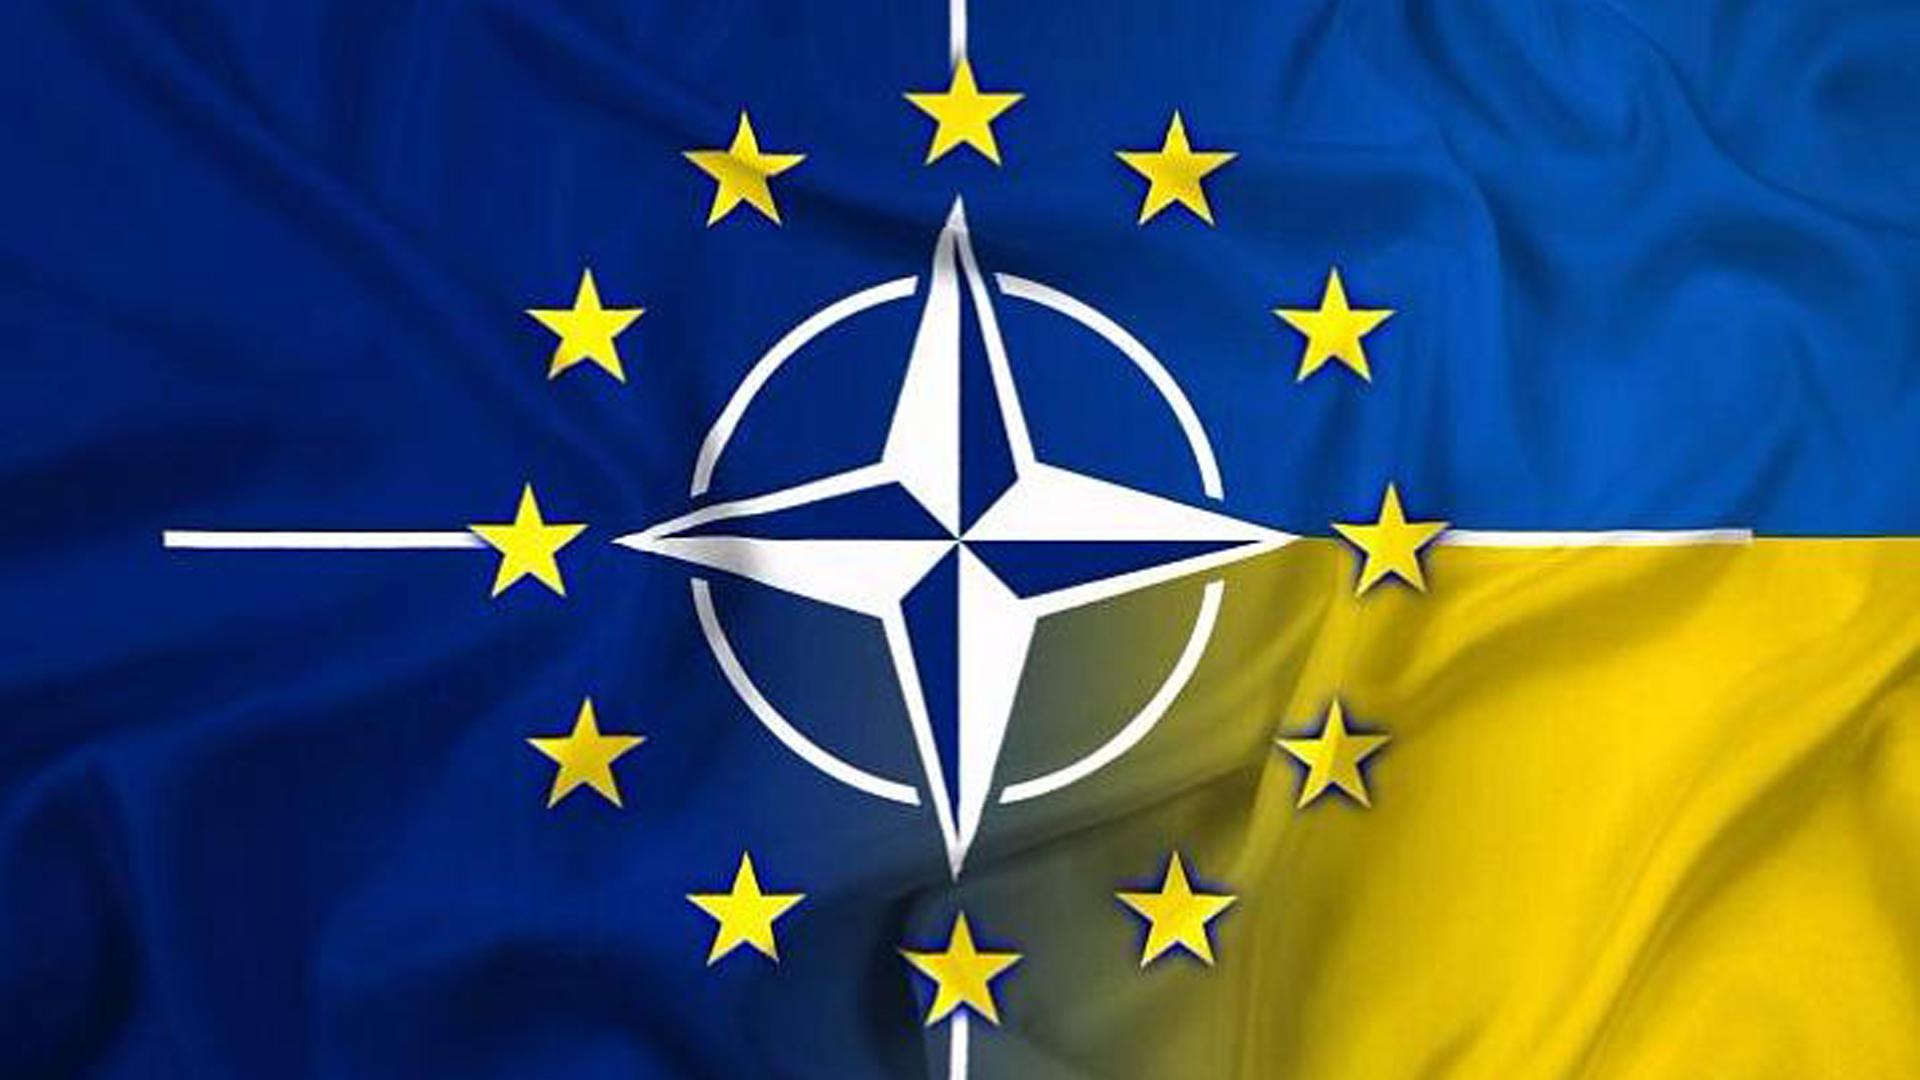 На фото: Украине запретили путь в ЕС и НАТО, автор: VTimoschuk